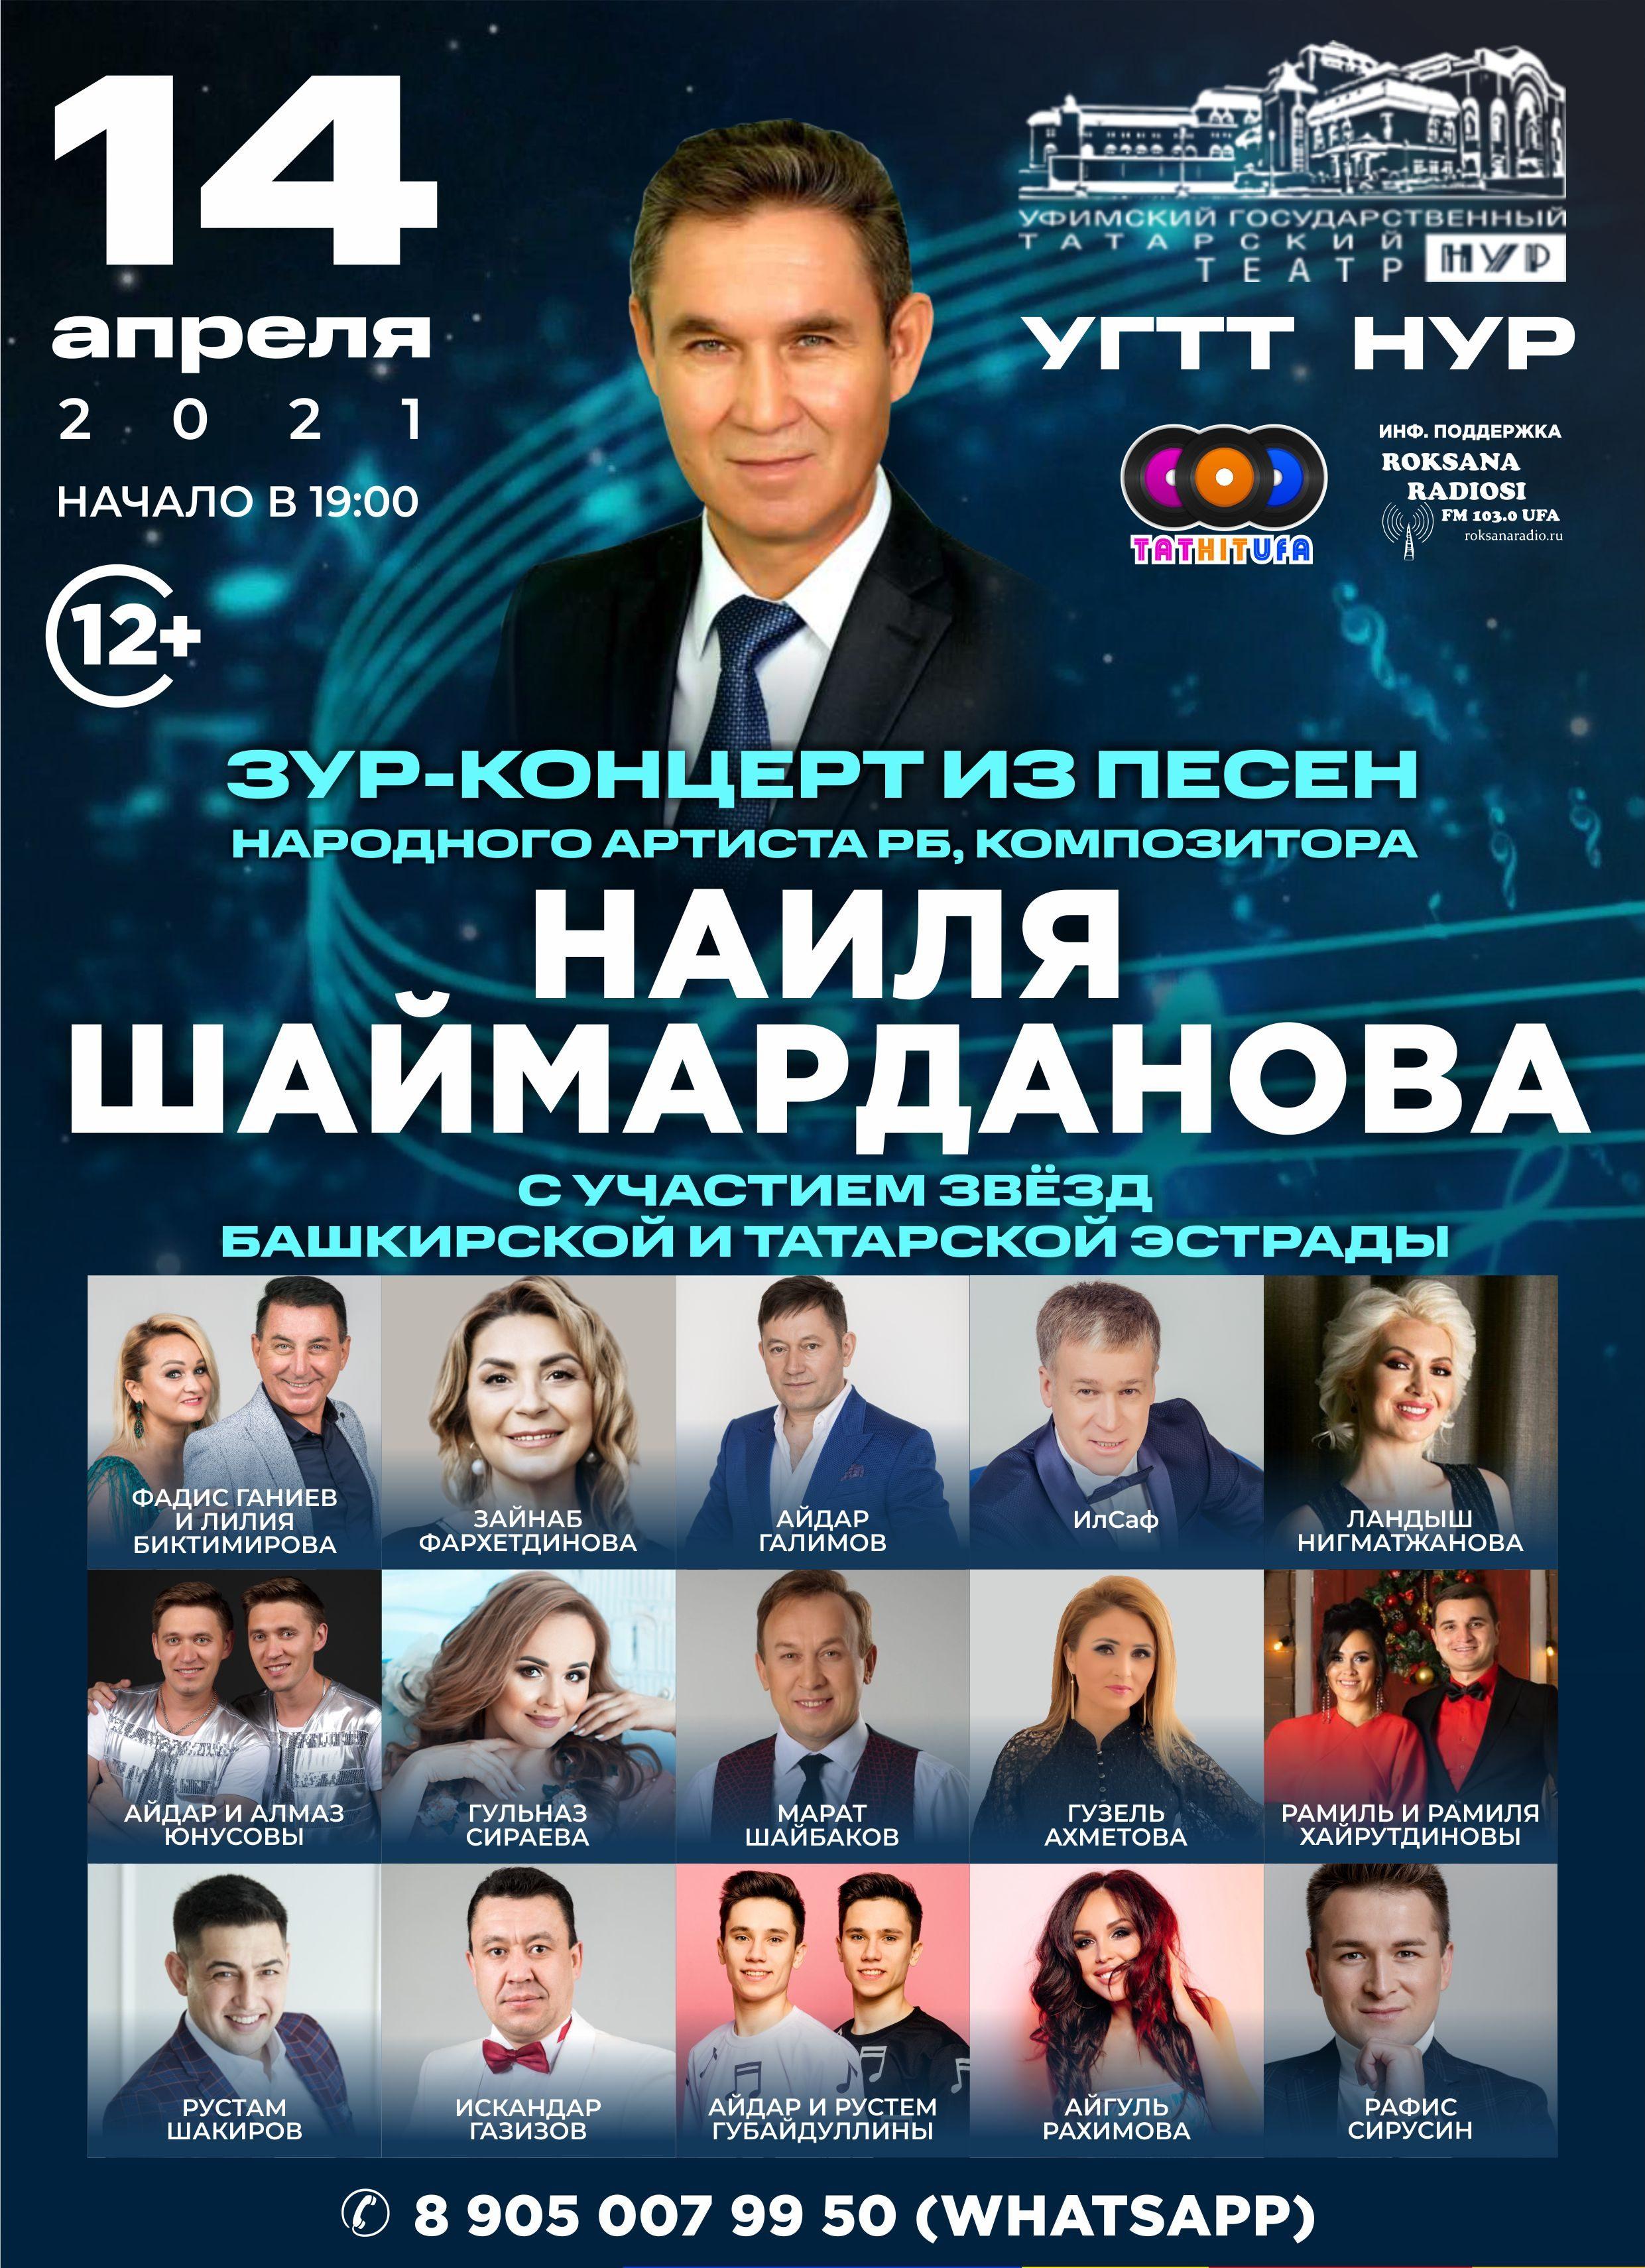 Большой концерт из песен композитора, НА РБ Наиля Шаймарданова с участием звёзд Башкирской и Татарской эстрады